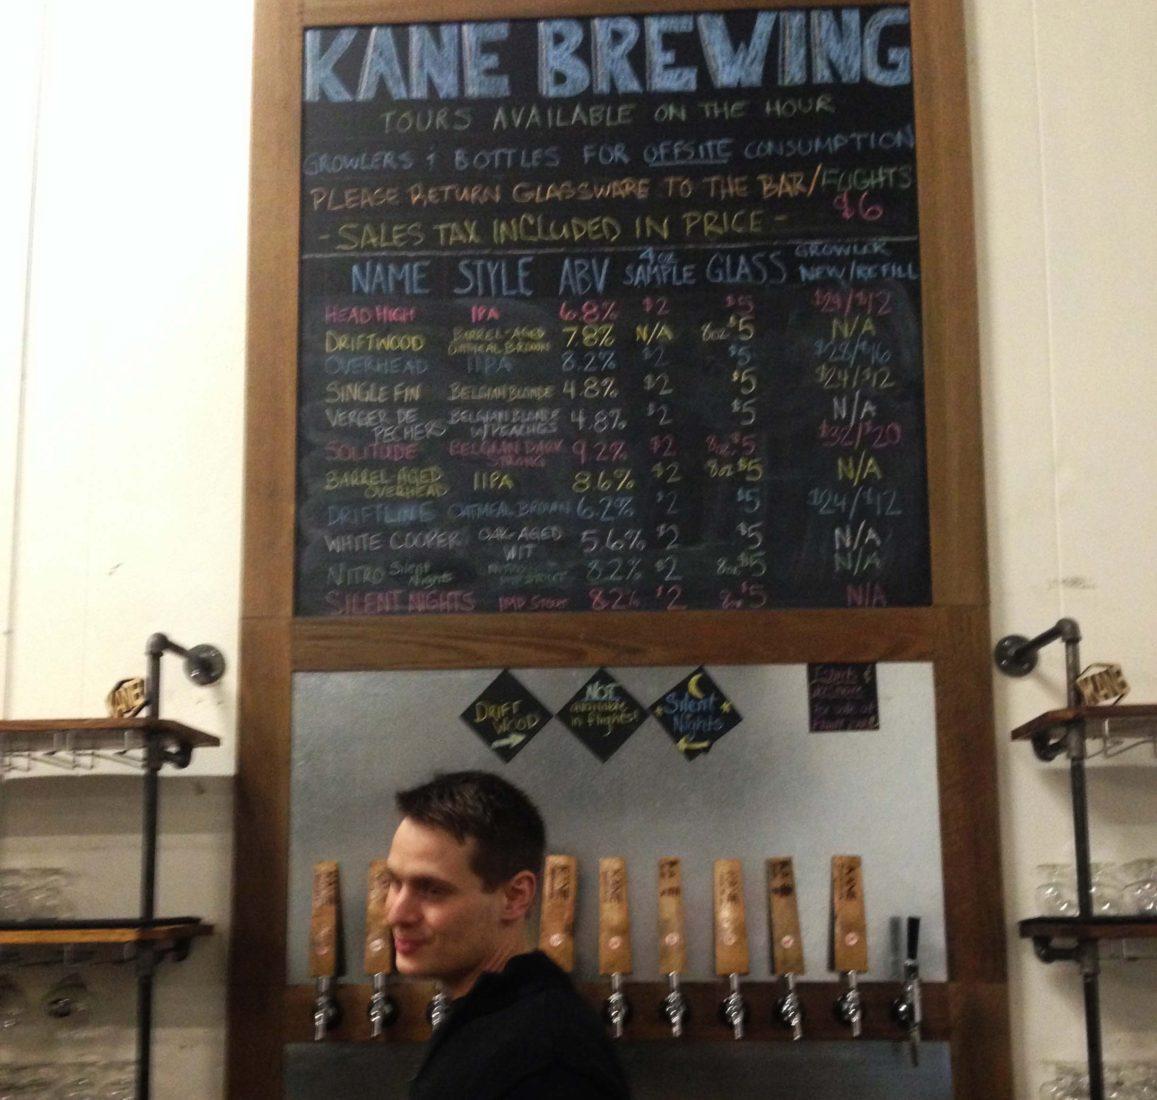 184. Kane Brewing, Ocean Township NJ 2013